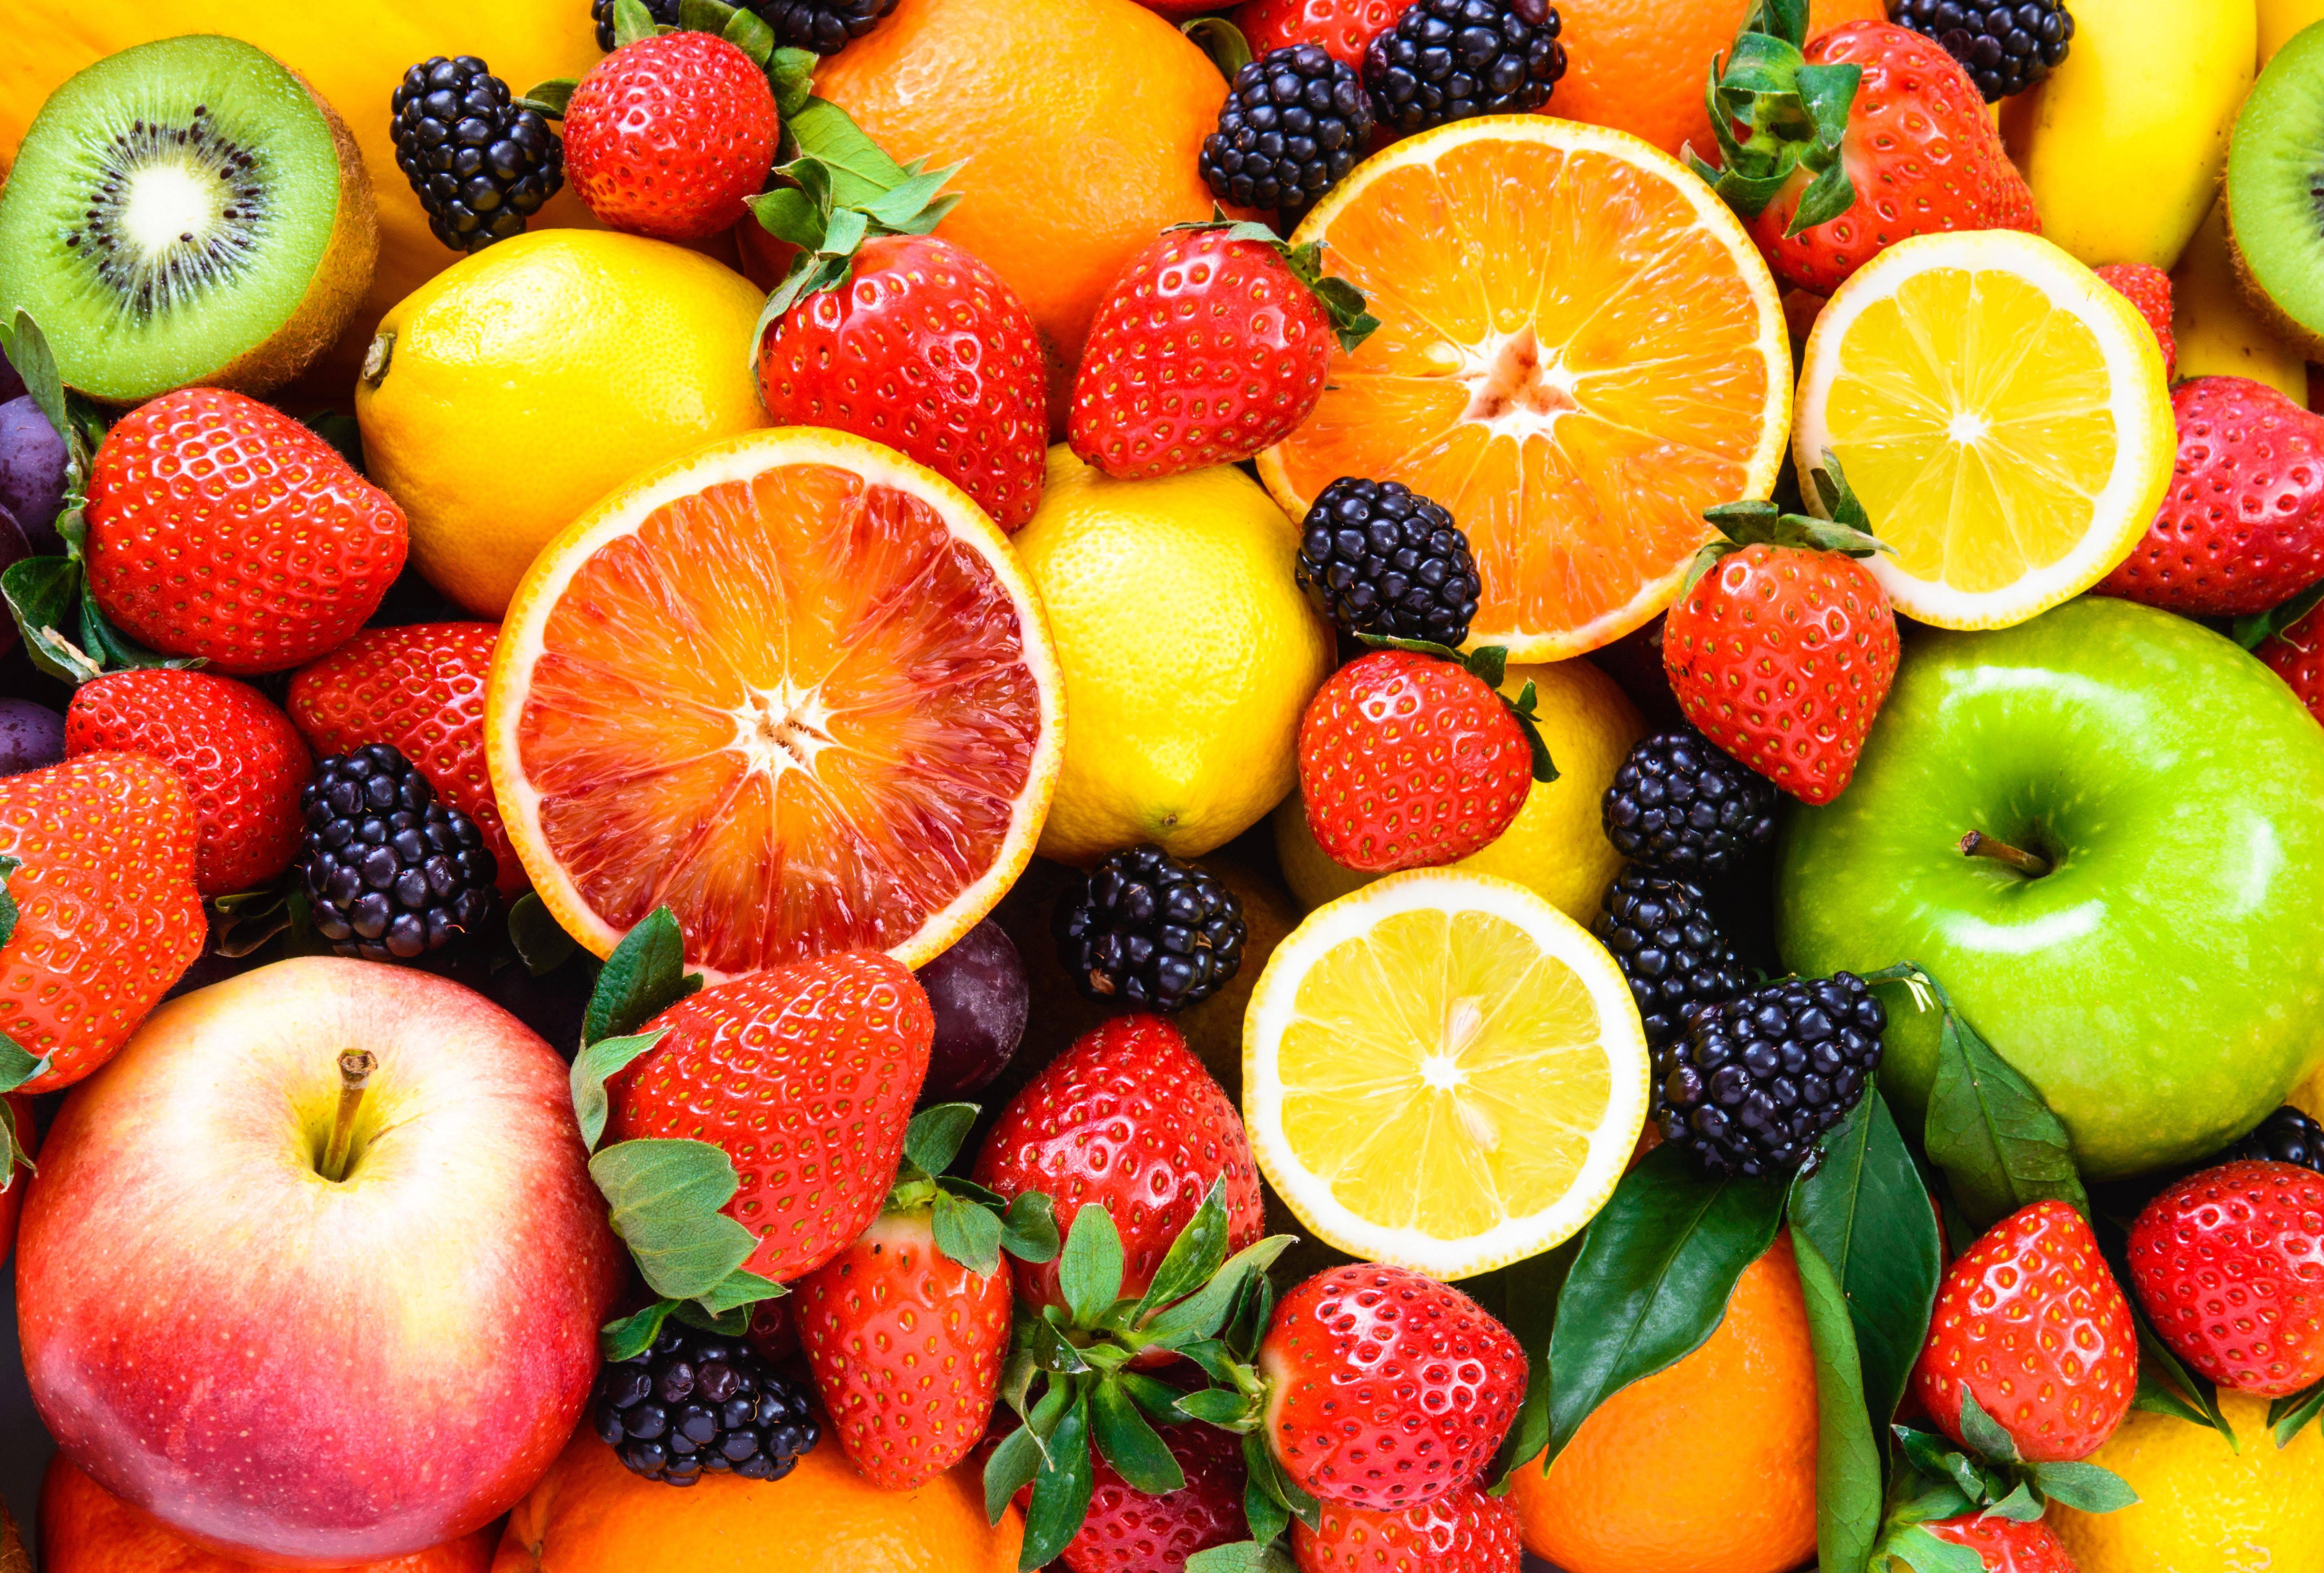 diete frutta verdura per perdere peso velocemente